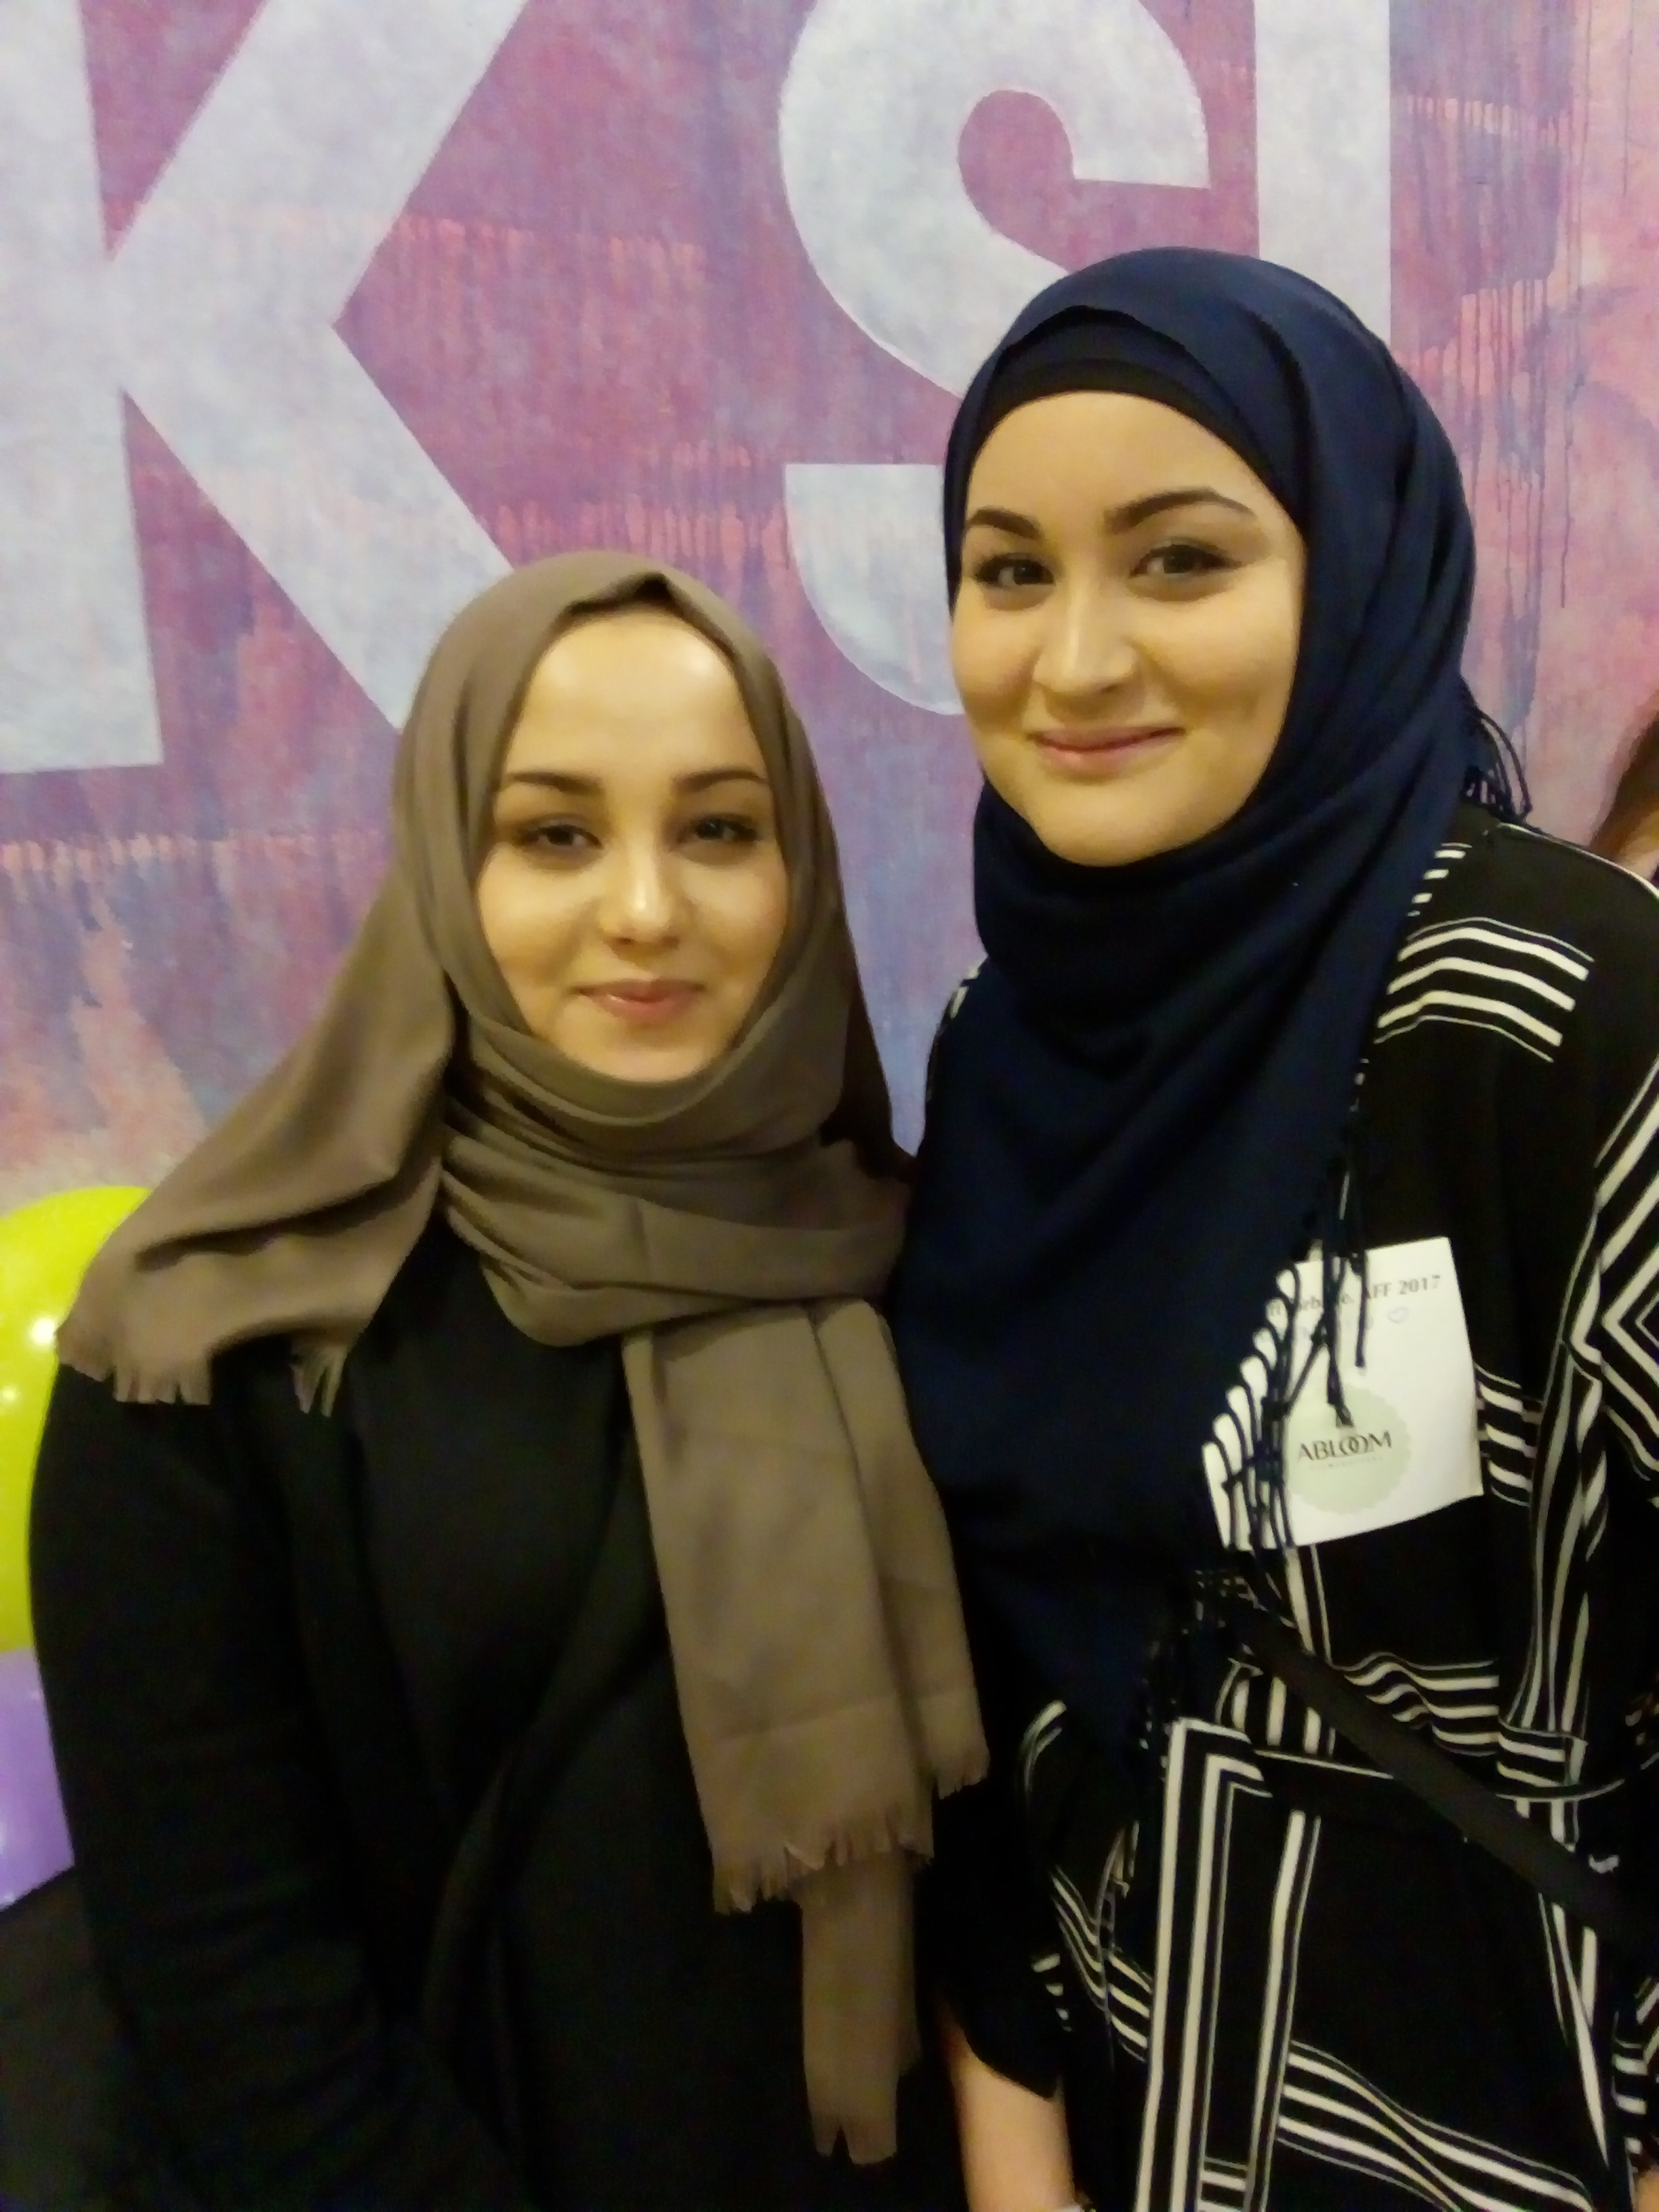 Lot seg inspirere: Søstrene Rabia og Bibi Fatima Musavi likte veldig godt opplegget med forbilder.– Det er også viktig å vise at de med funksjonsnedsettelser også er ressursterke individer, sier de.